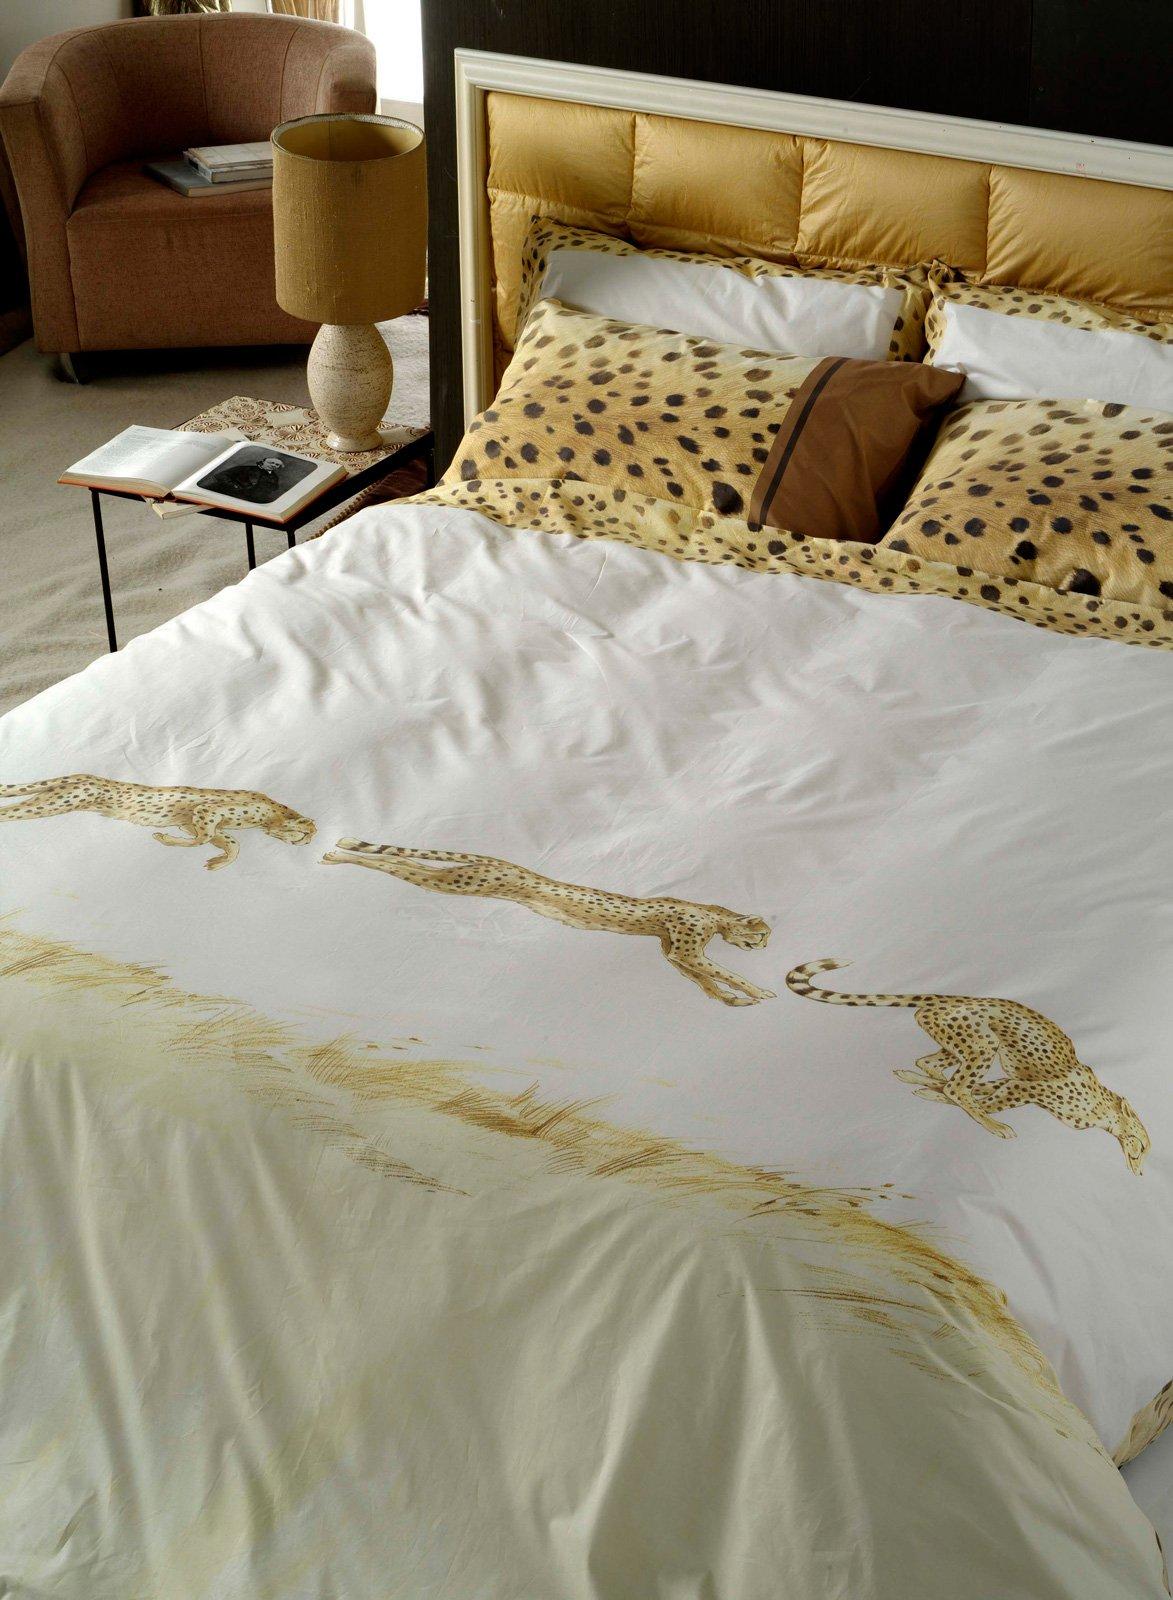 Piumino e copripiumino per vestire il letto cose di casa - Vestire il letto ...